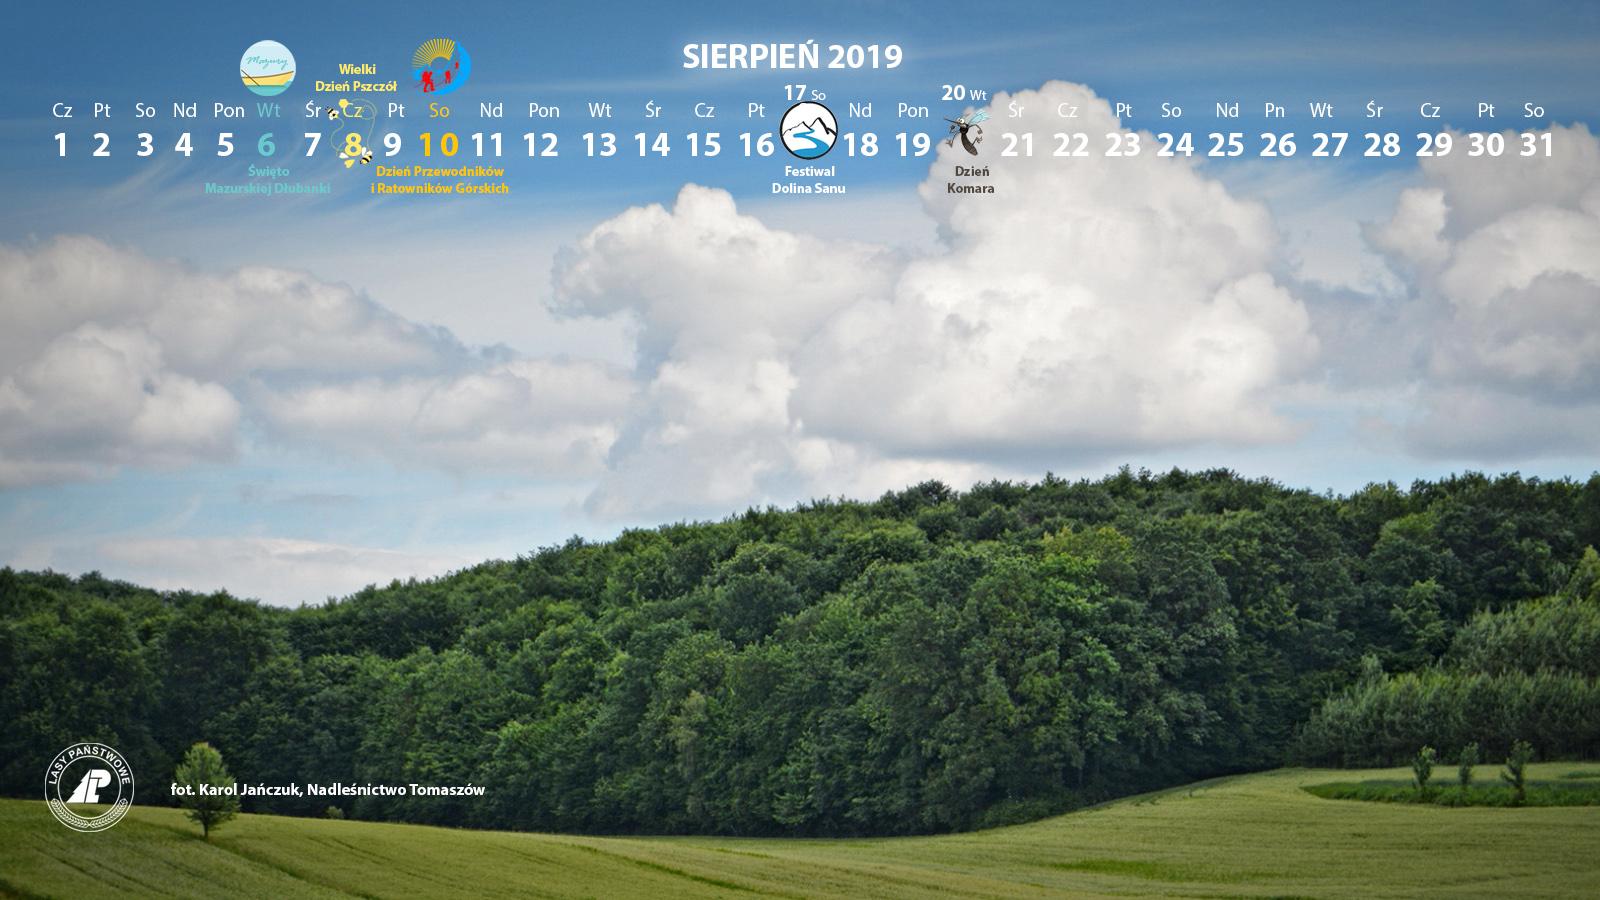 Kalendarz_sierpień_2019_1600x900[1].jpg